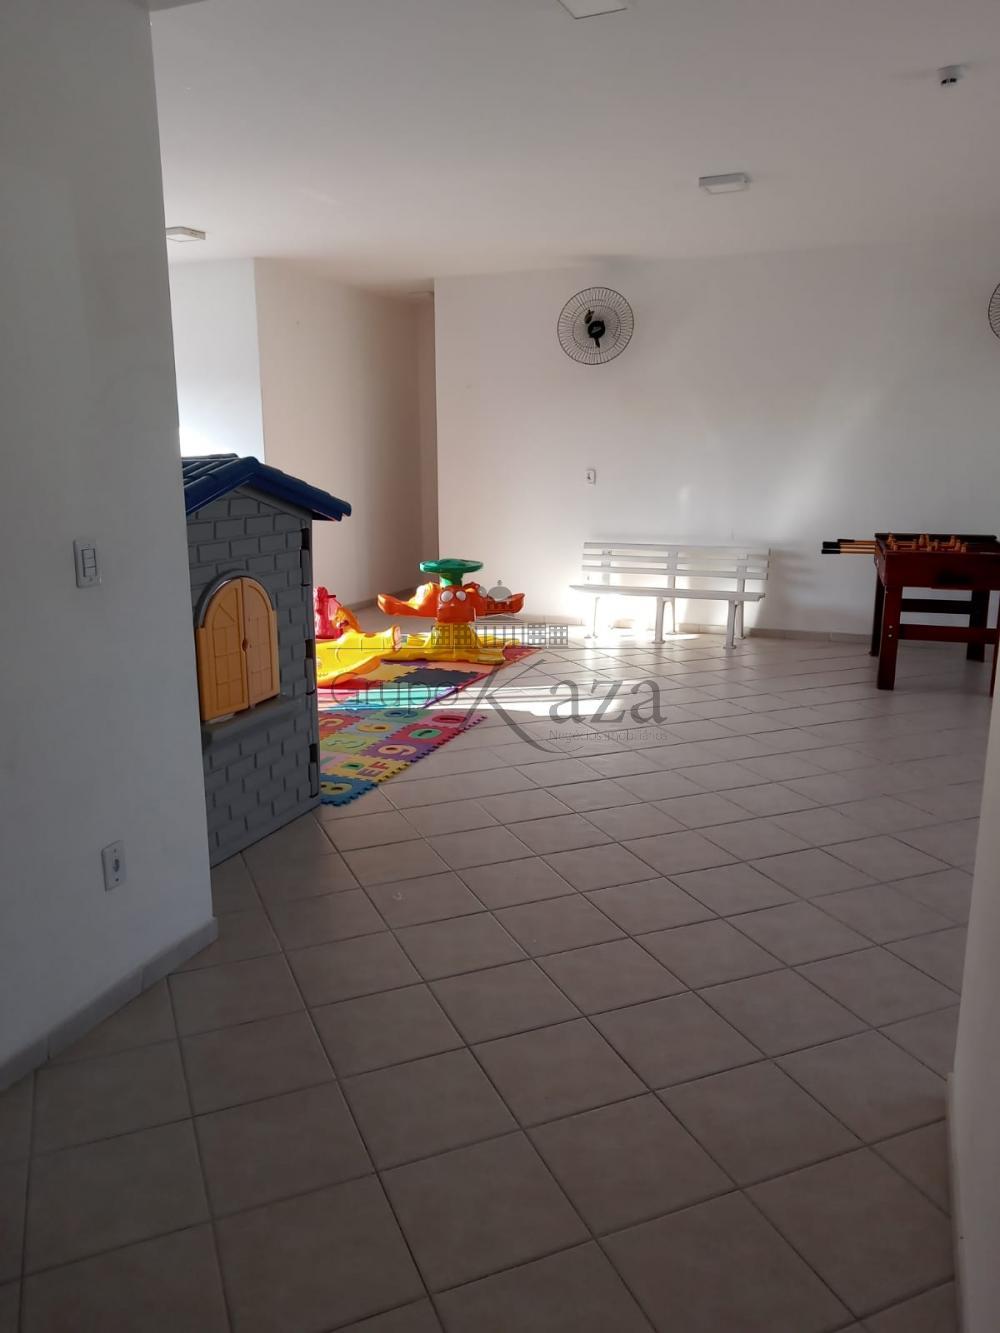 alt='Alugar Apartamento / Padrão em São José dos Campos R$ 2.200,00 - Foto 13' title='Alugar Apartamento / Padrão em São José dos Campos R$ 2.200,00 - Foto 13'